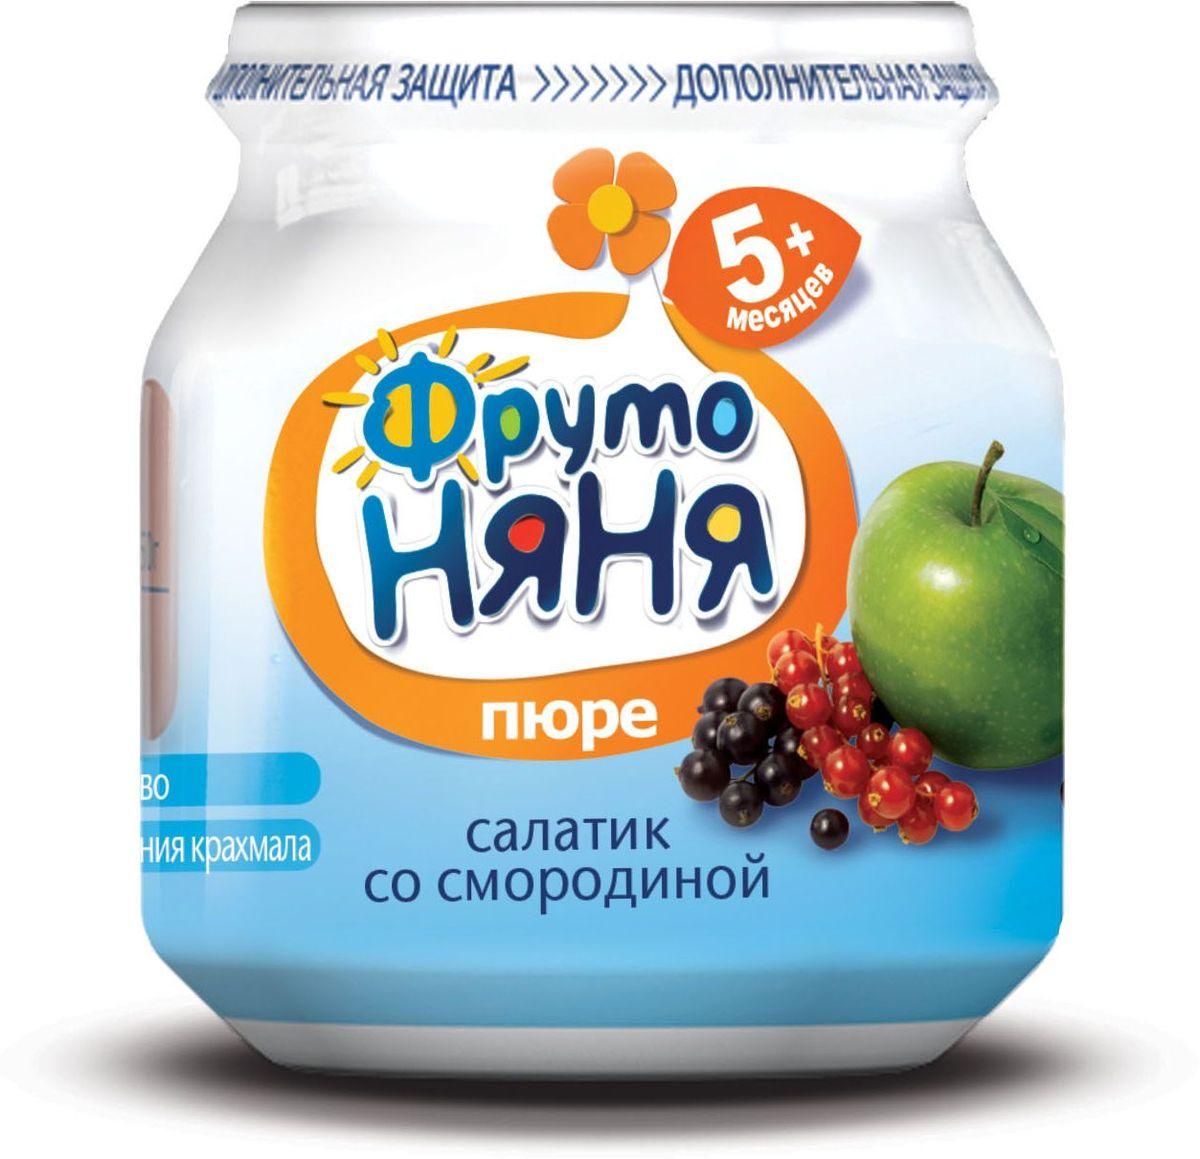 ФрутоНяня пюре фруктовый салатик со смородиной с 5 месяцев, 100 гP071154100% качество, без добавления крахмала